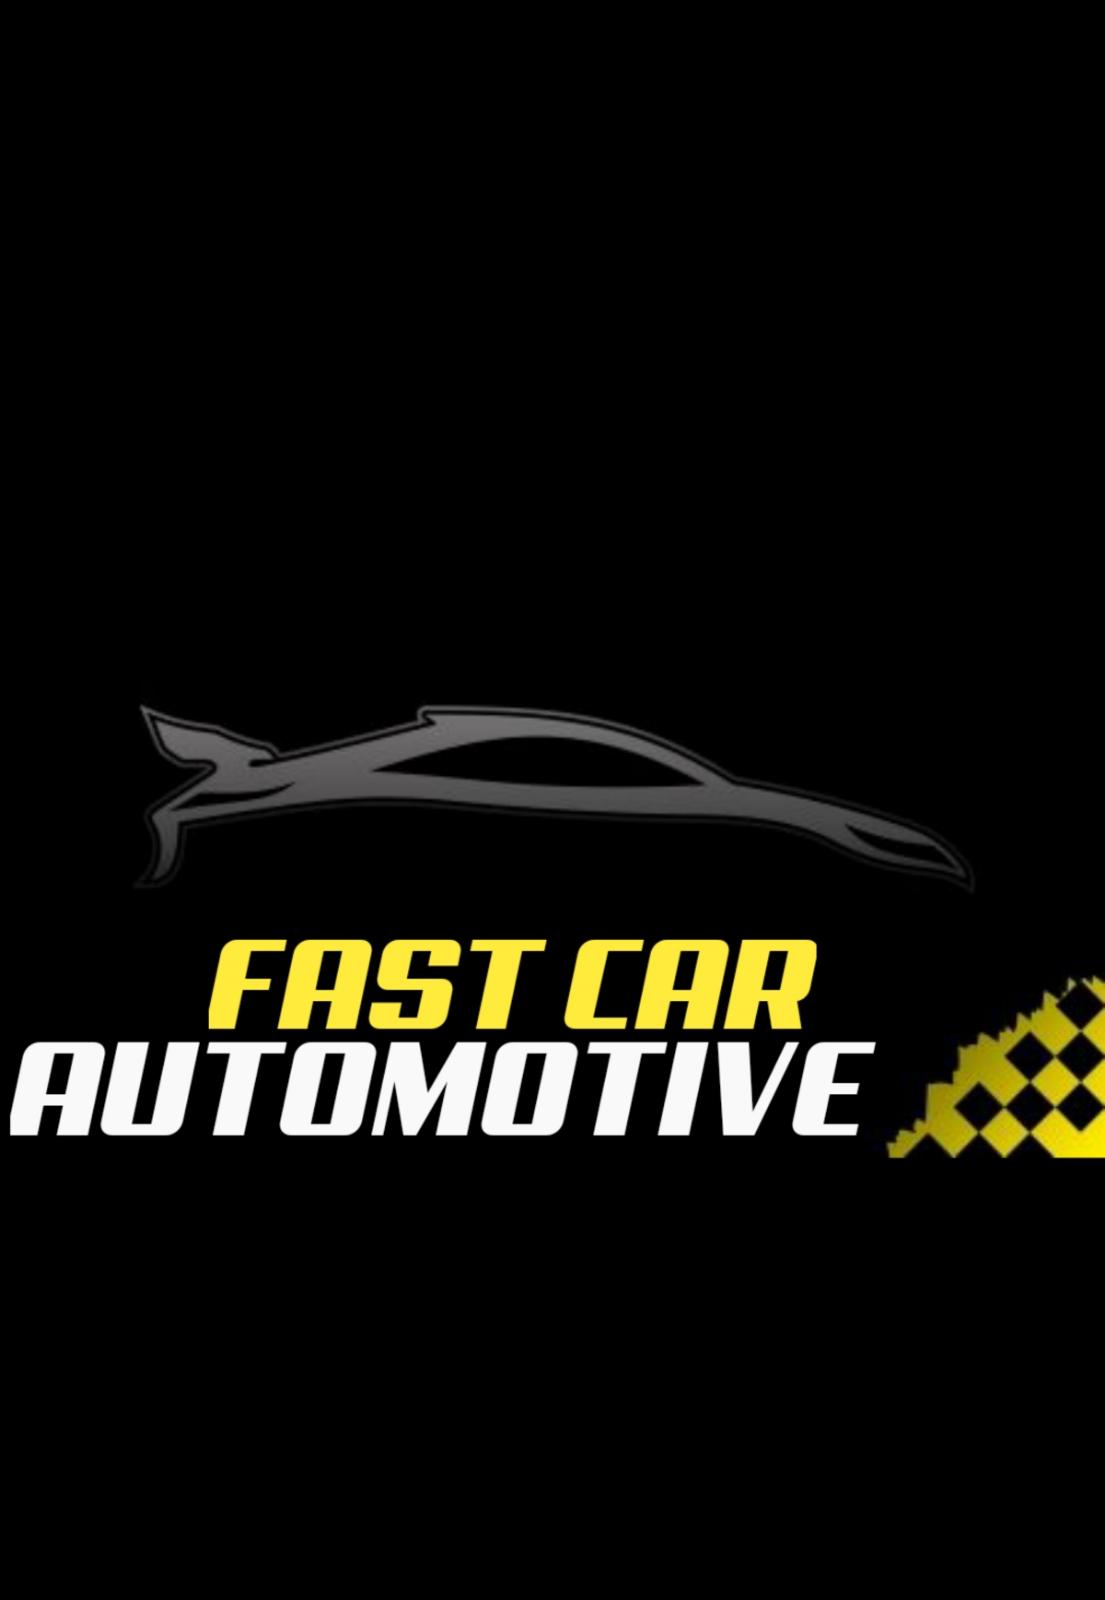 FAST CAR AUTOMOTIVE LLC